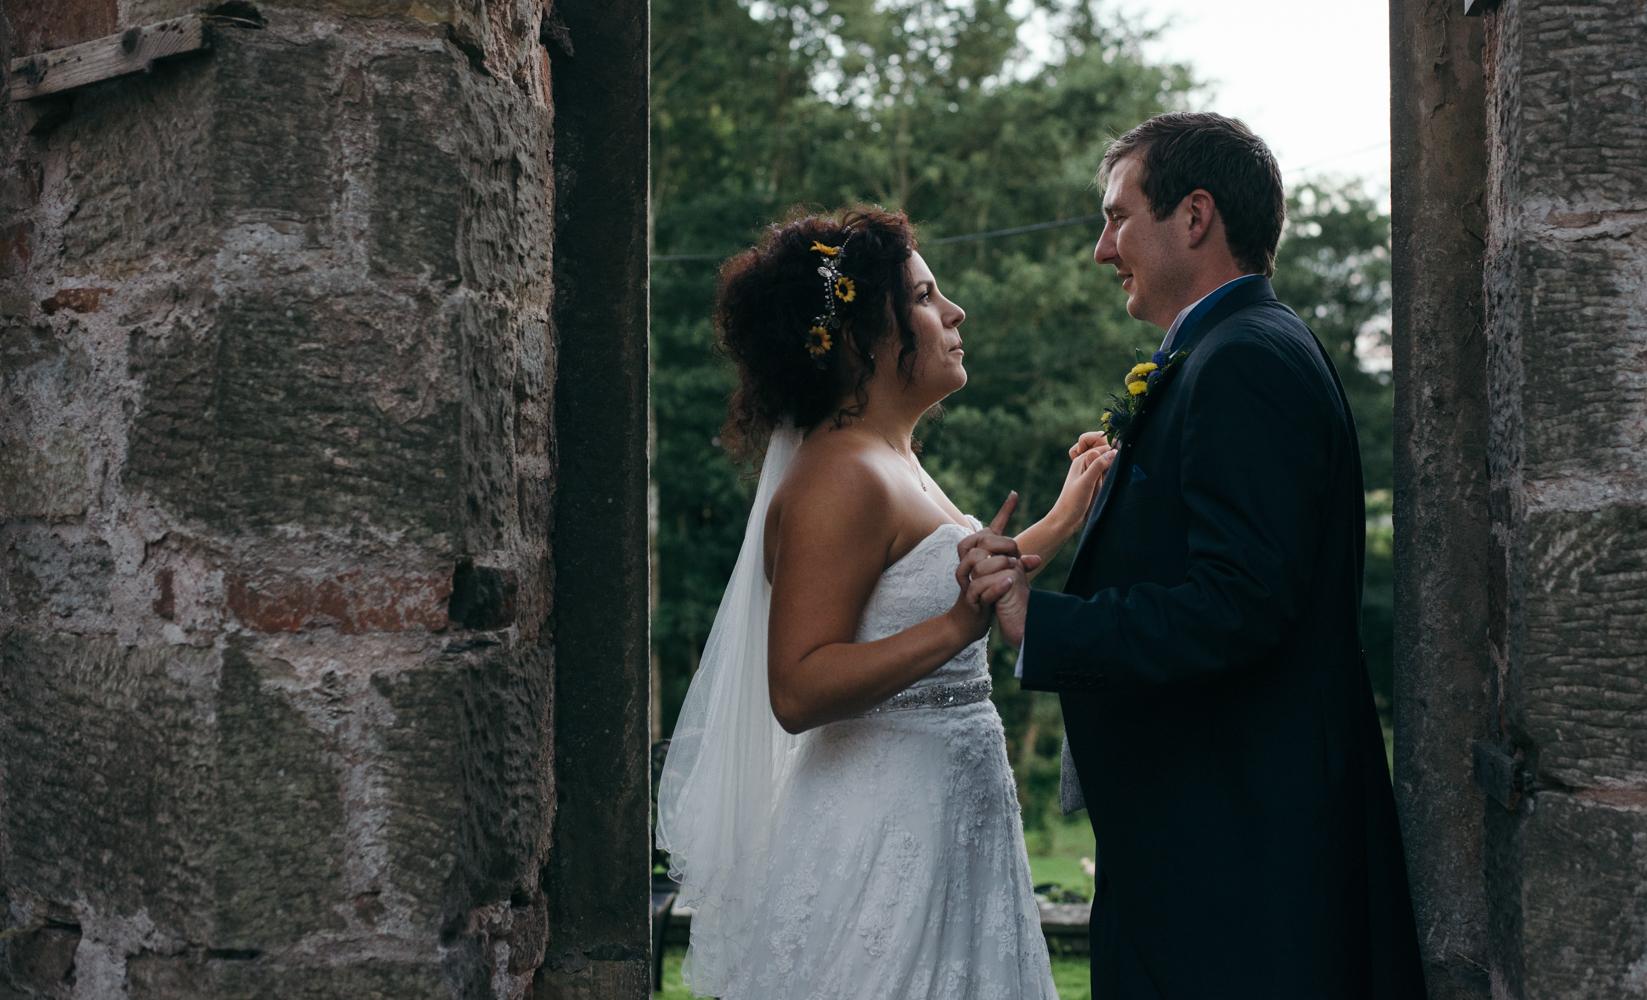 The bride and groom standing in an open doorway